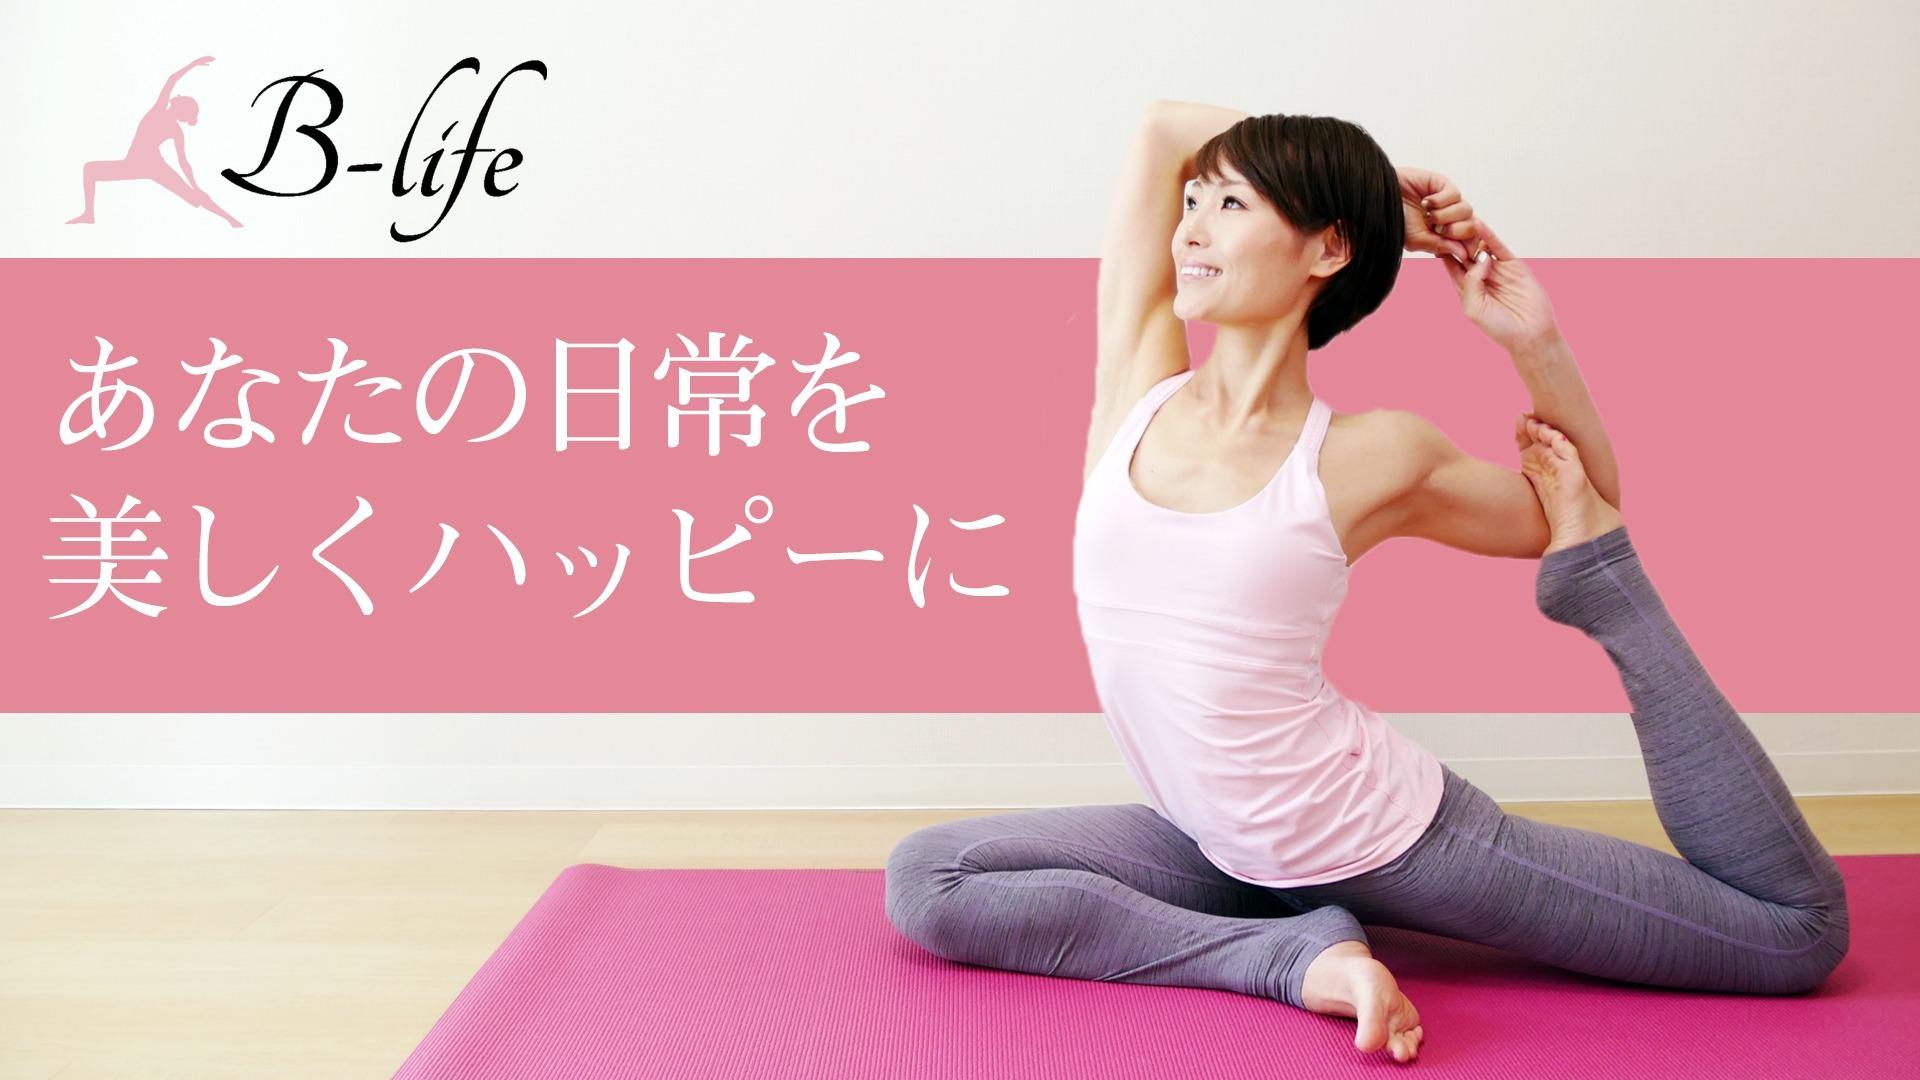 Tomoya / Mariko - B-life あなたの日常を美しくハッピーに - DMM オンラインサロン